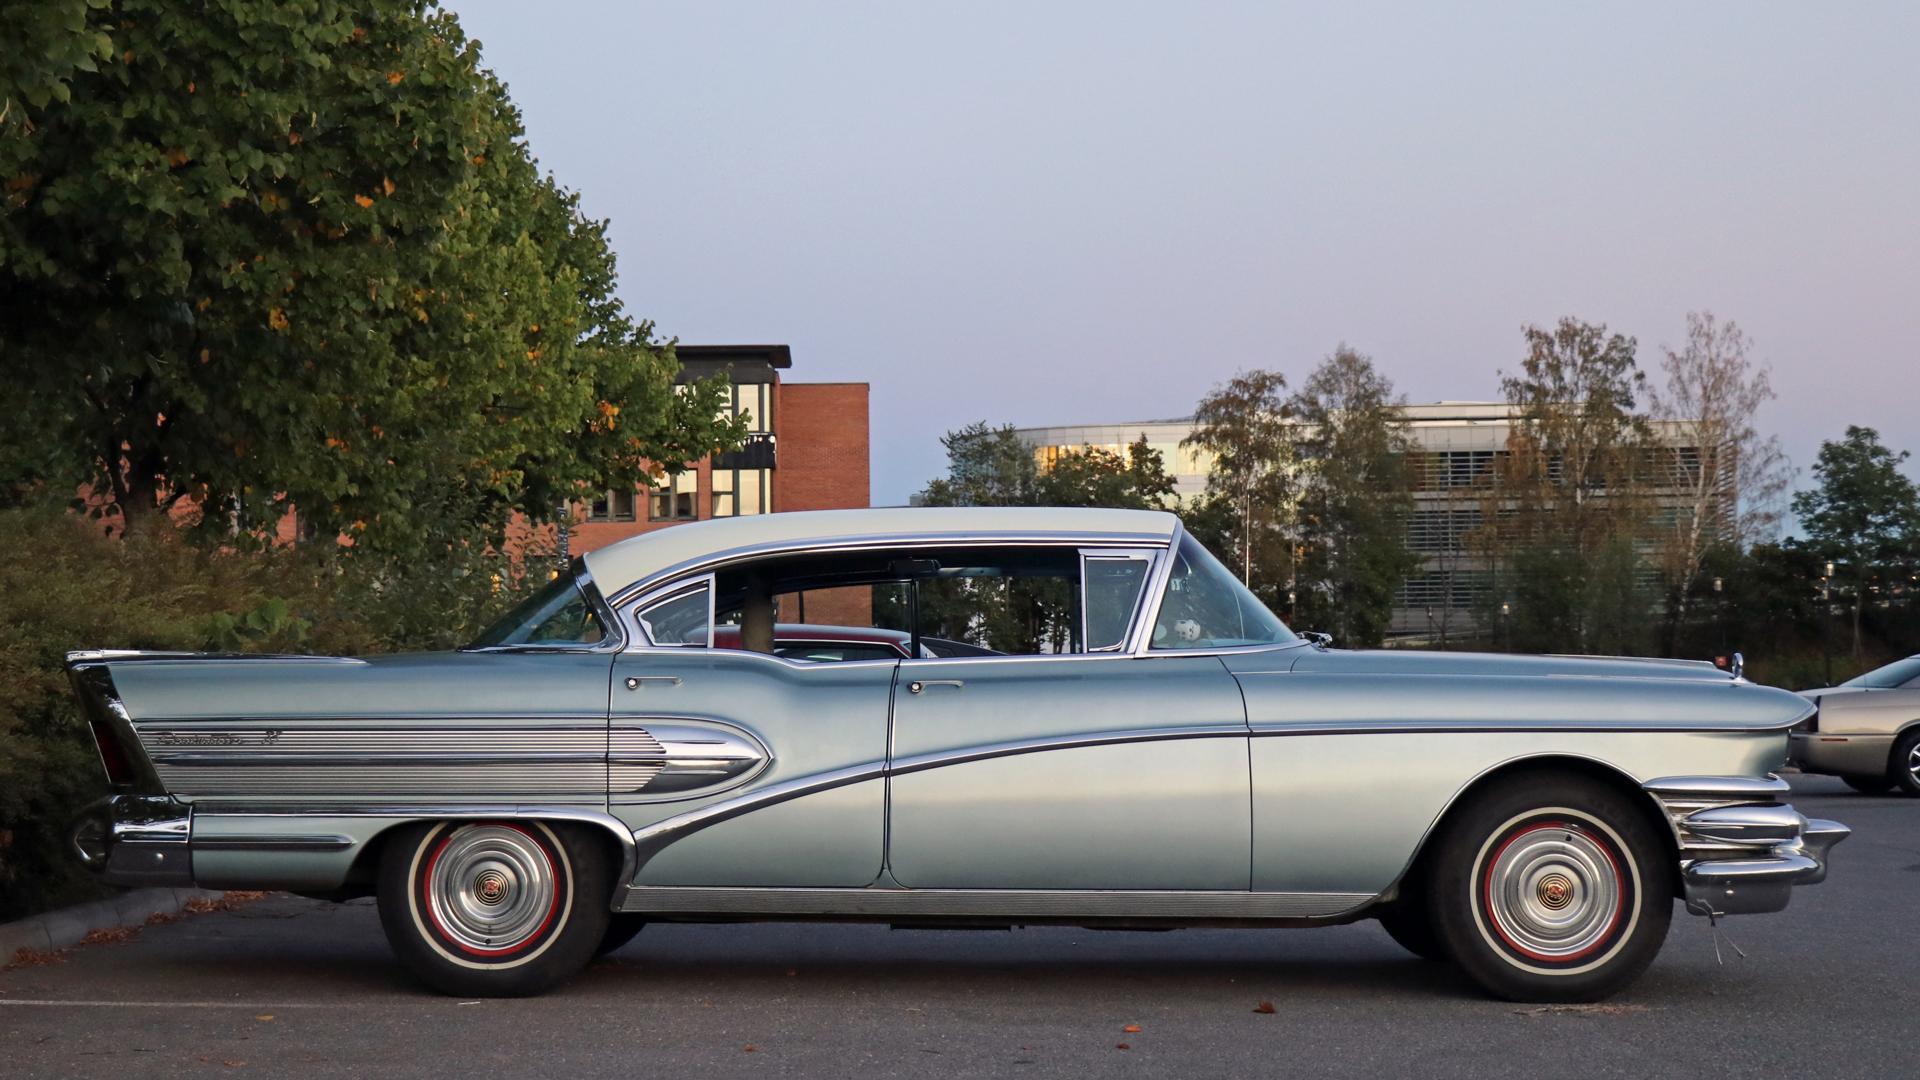 186-1958 Buick Roadmaster 75 Riviera 02. Eier- med